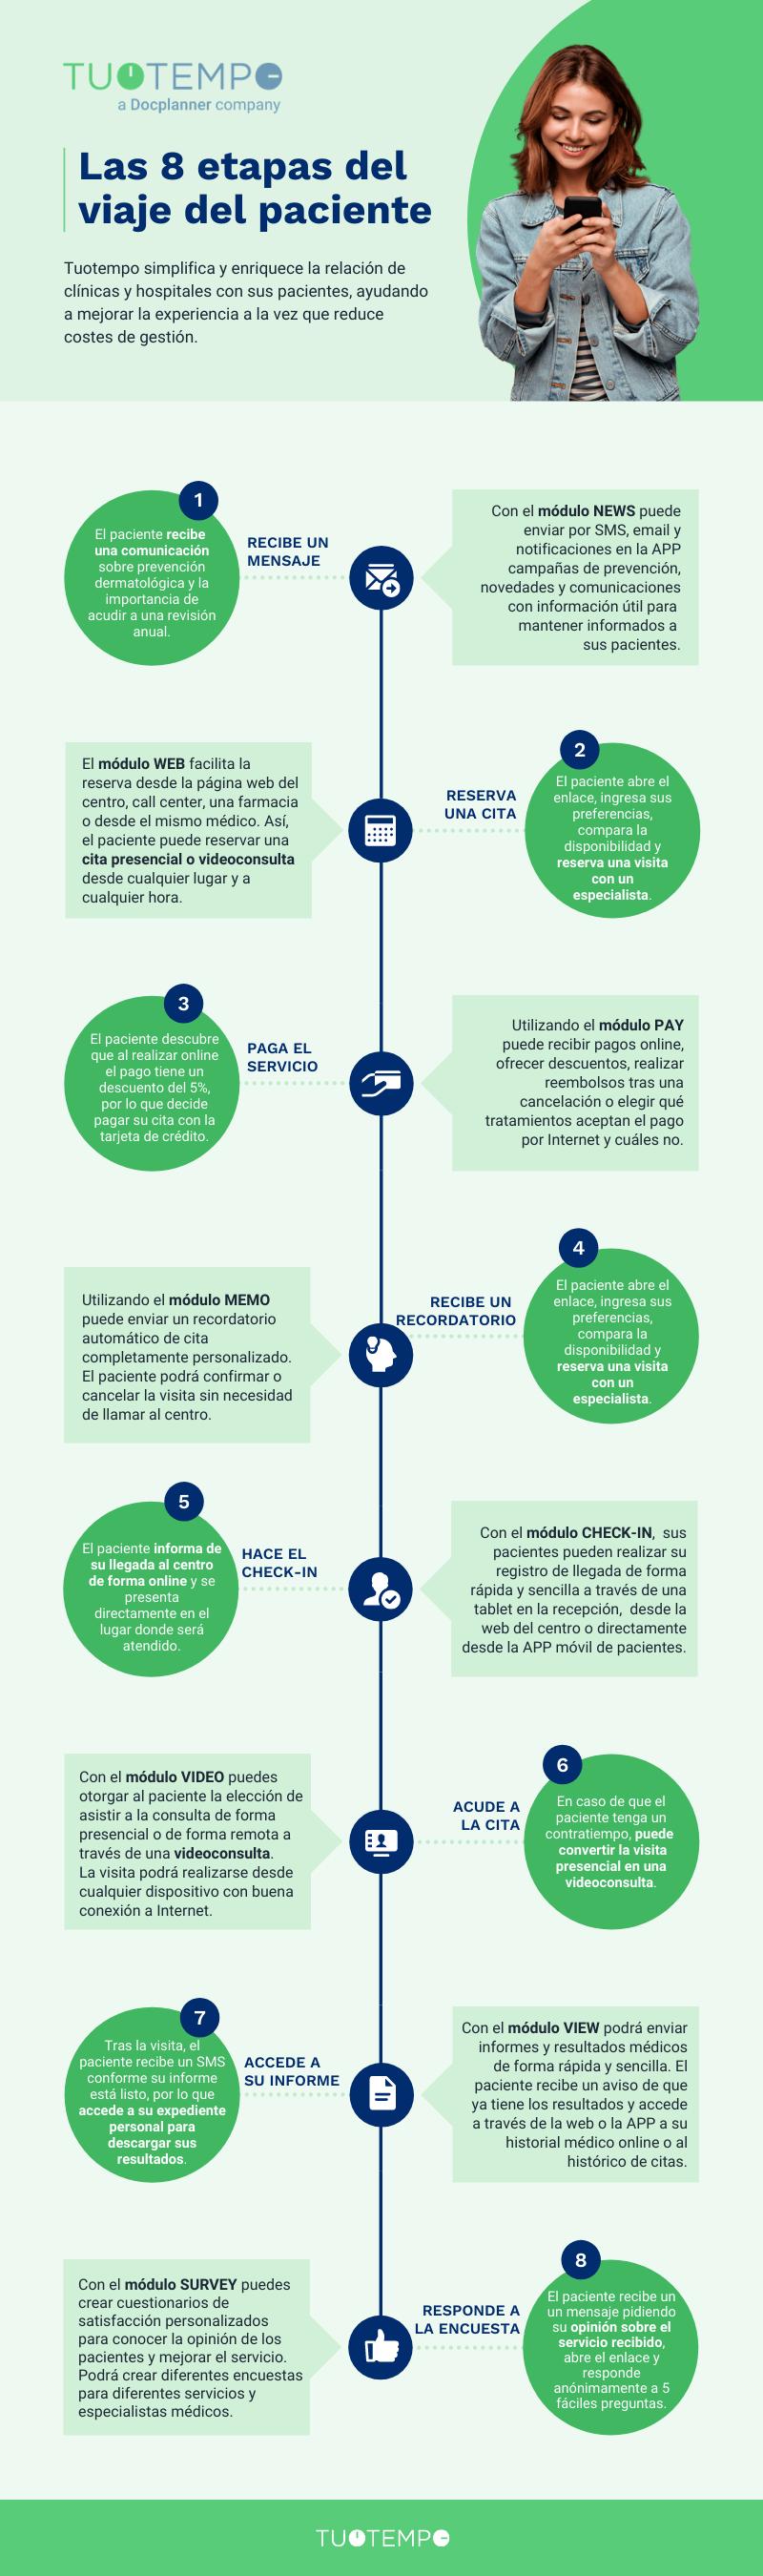 ES LG FAC TT Patient Journey Infographic